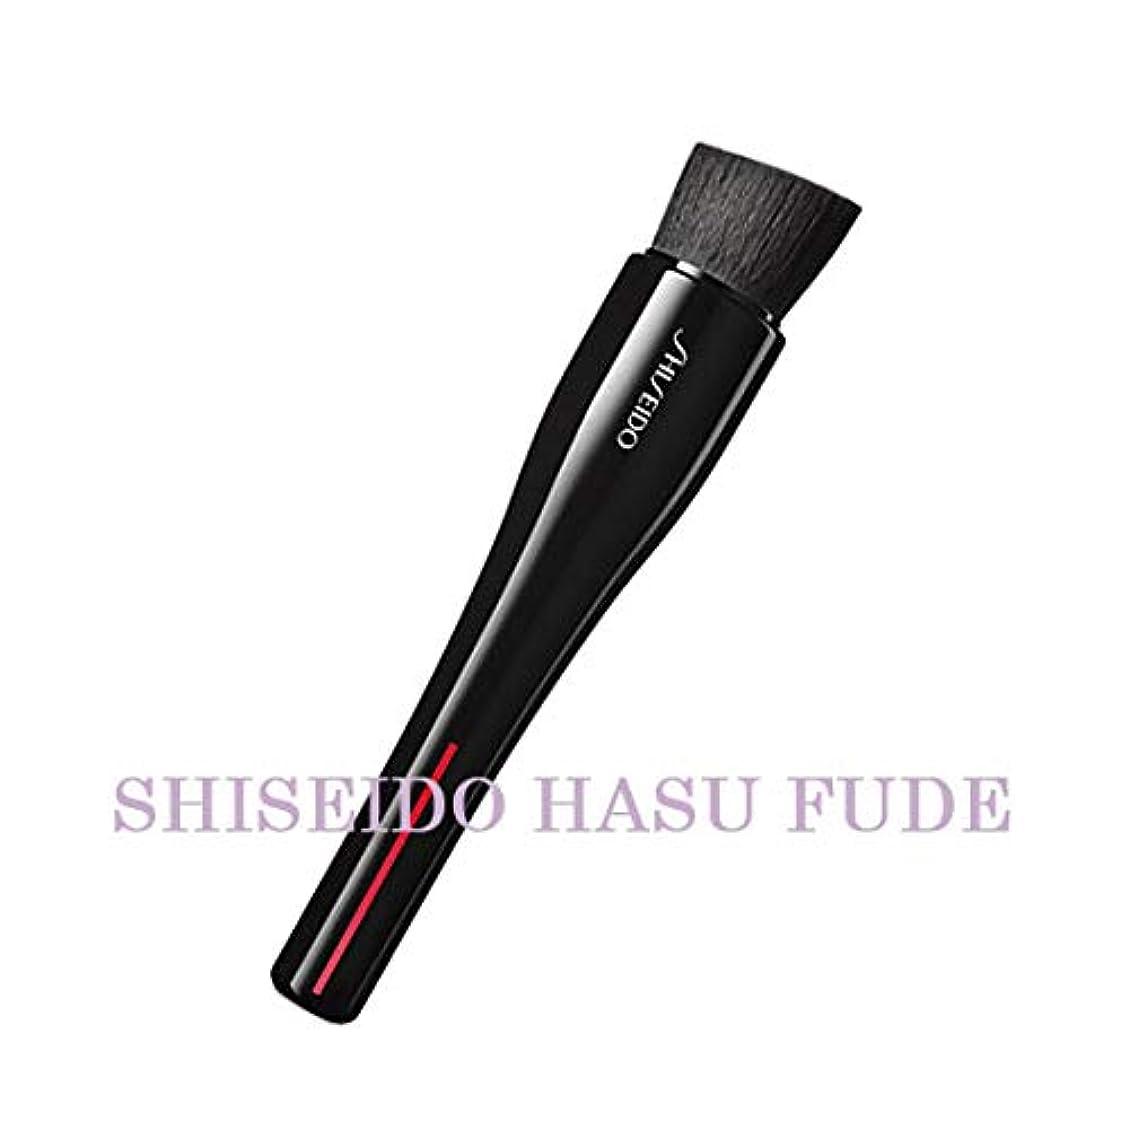 インテリア極小ログSHISEIDO Makeup(資生堂 メーキャップ) SHISEIDO(資生堂) SHISEIDO HASU FUDE ファンデーション ブラシ